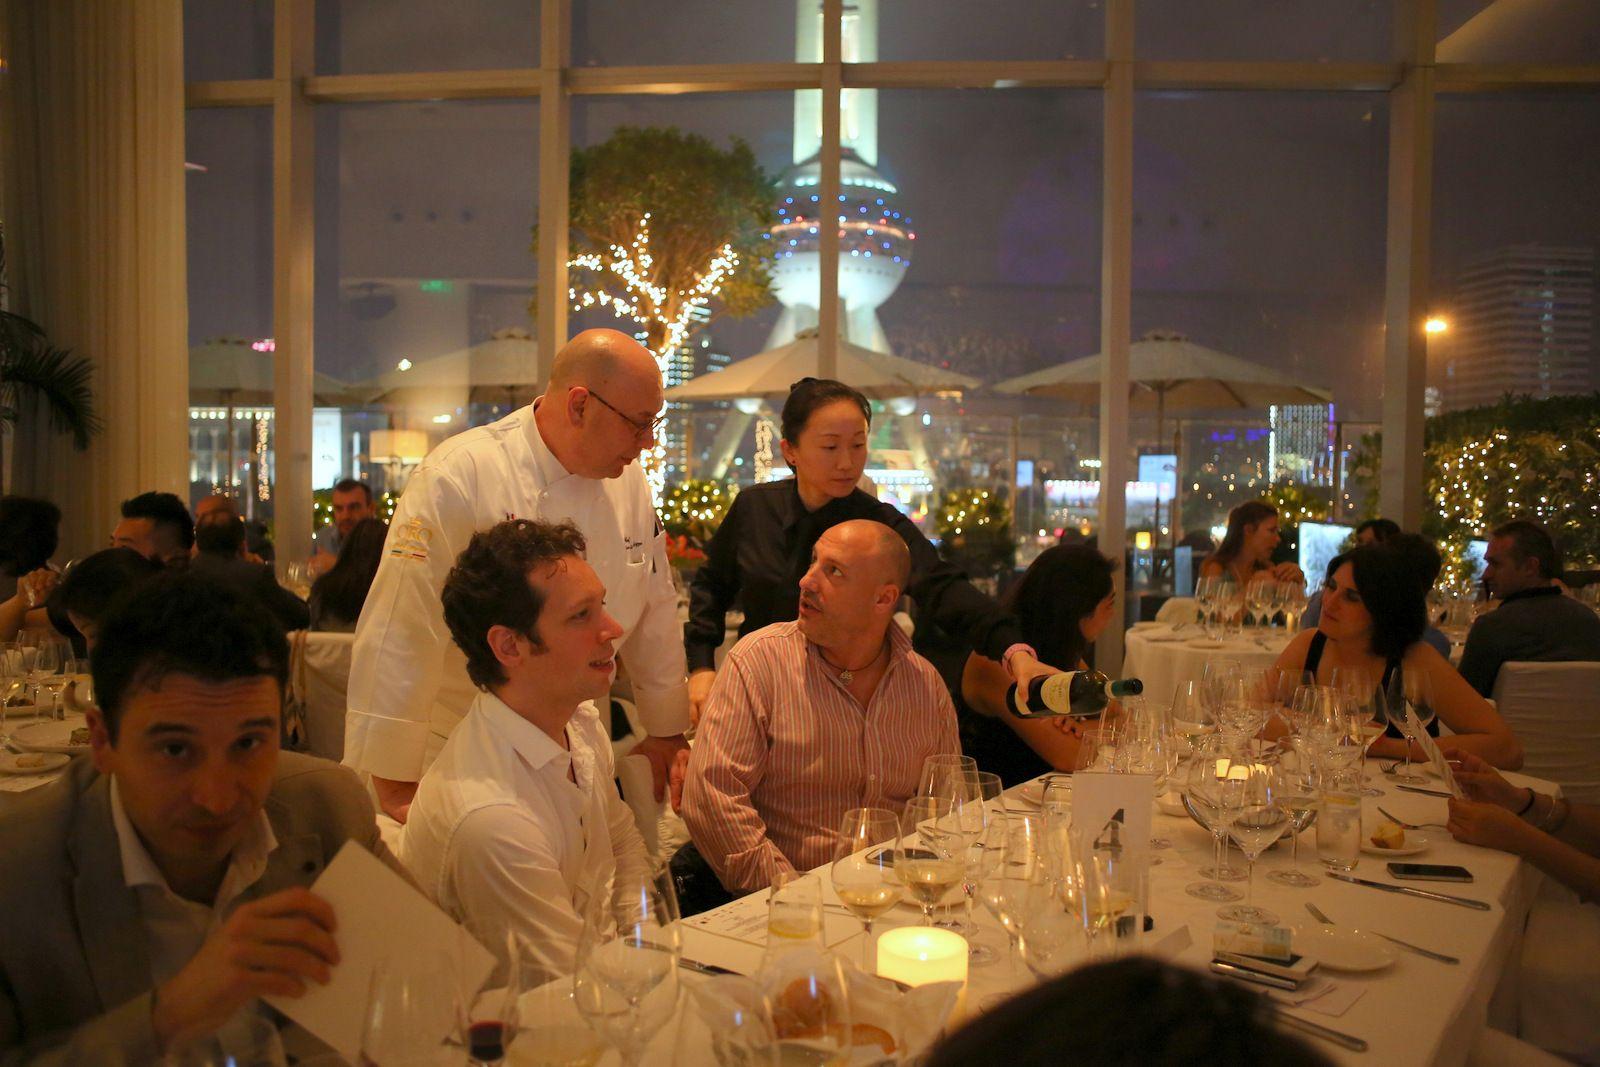 #foodshanghai #finedining #italianfoodinshanghai #restaurantinshanghai #shanghai #shanghaifood #italianinshanghai #china #charityevent #charitydinner